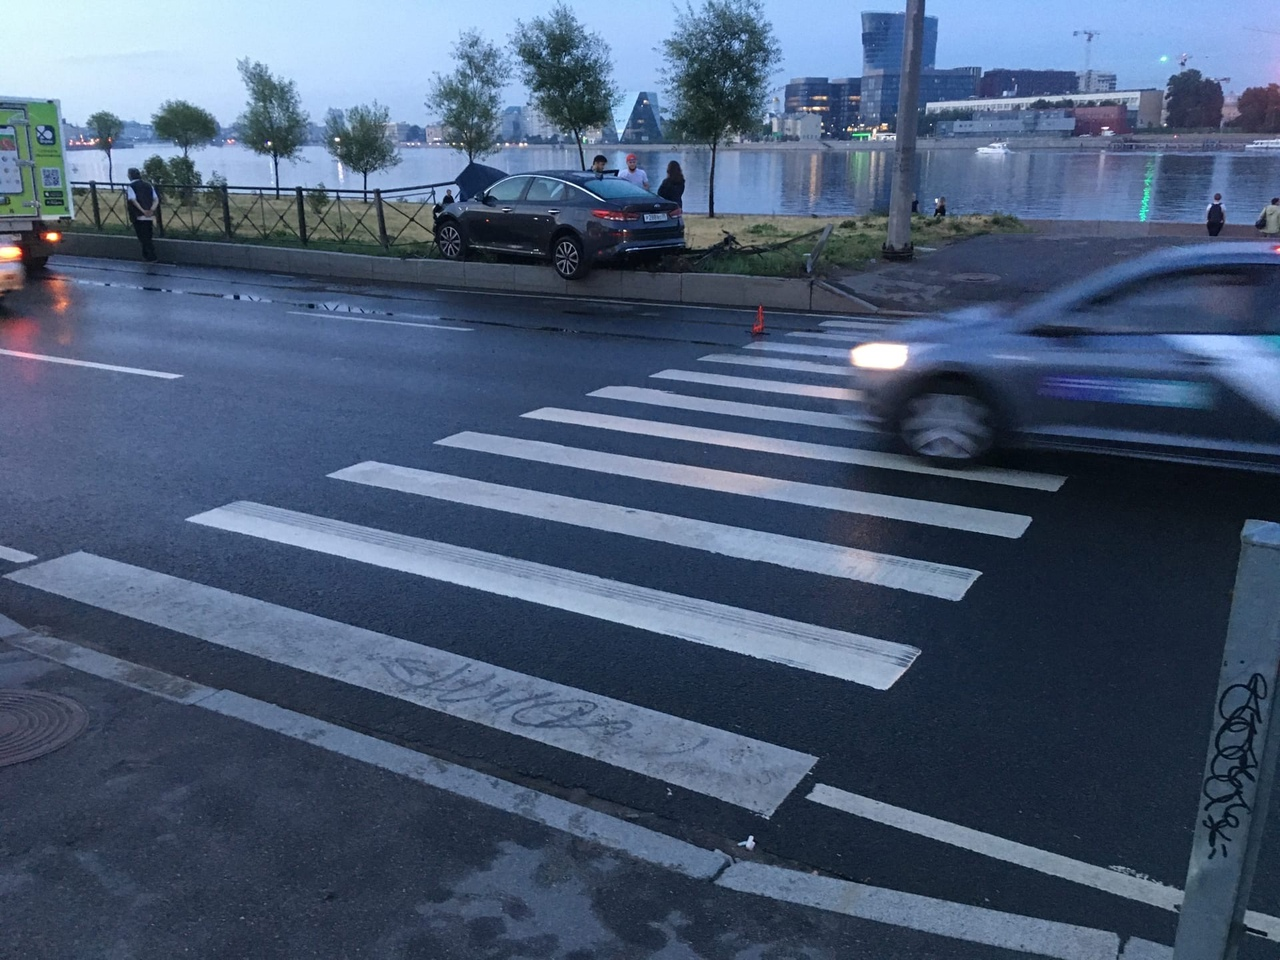 Авария на Синопской набережной, напротив Ростелекома, и 2 машины в правом ряду, не считая той, что н...